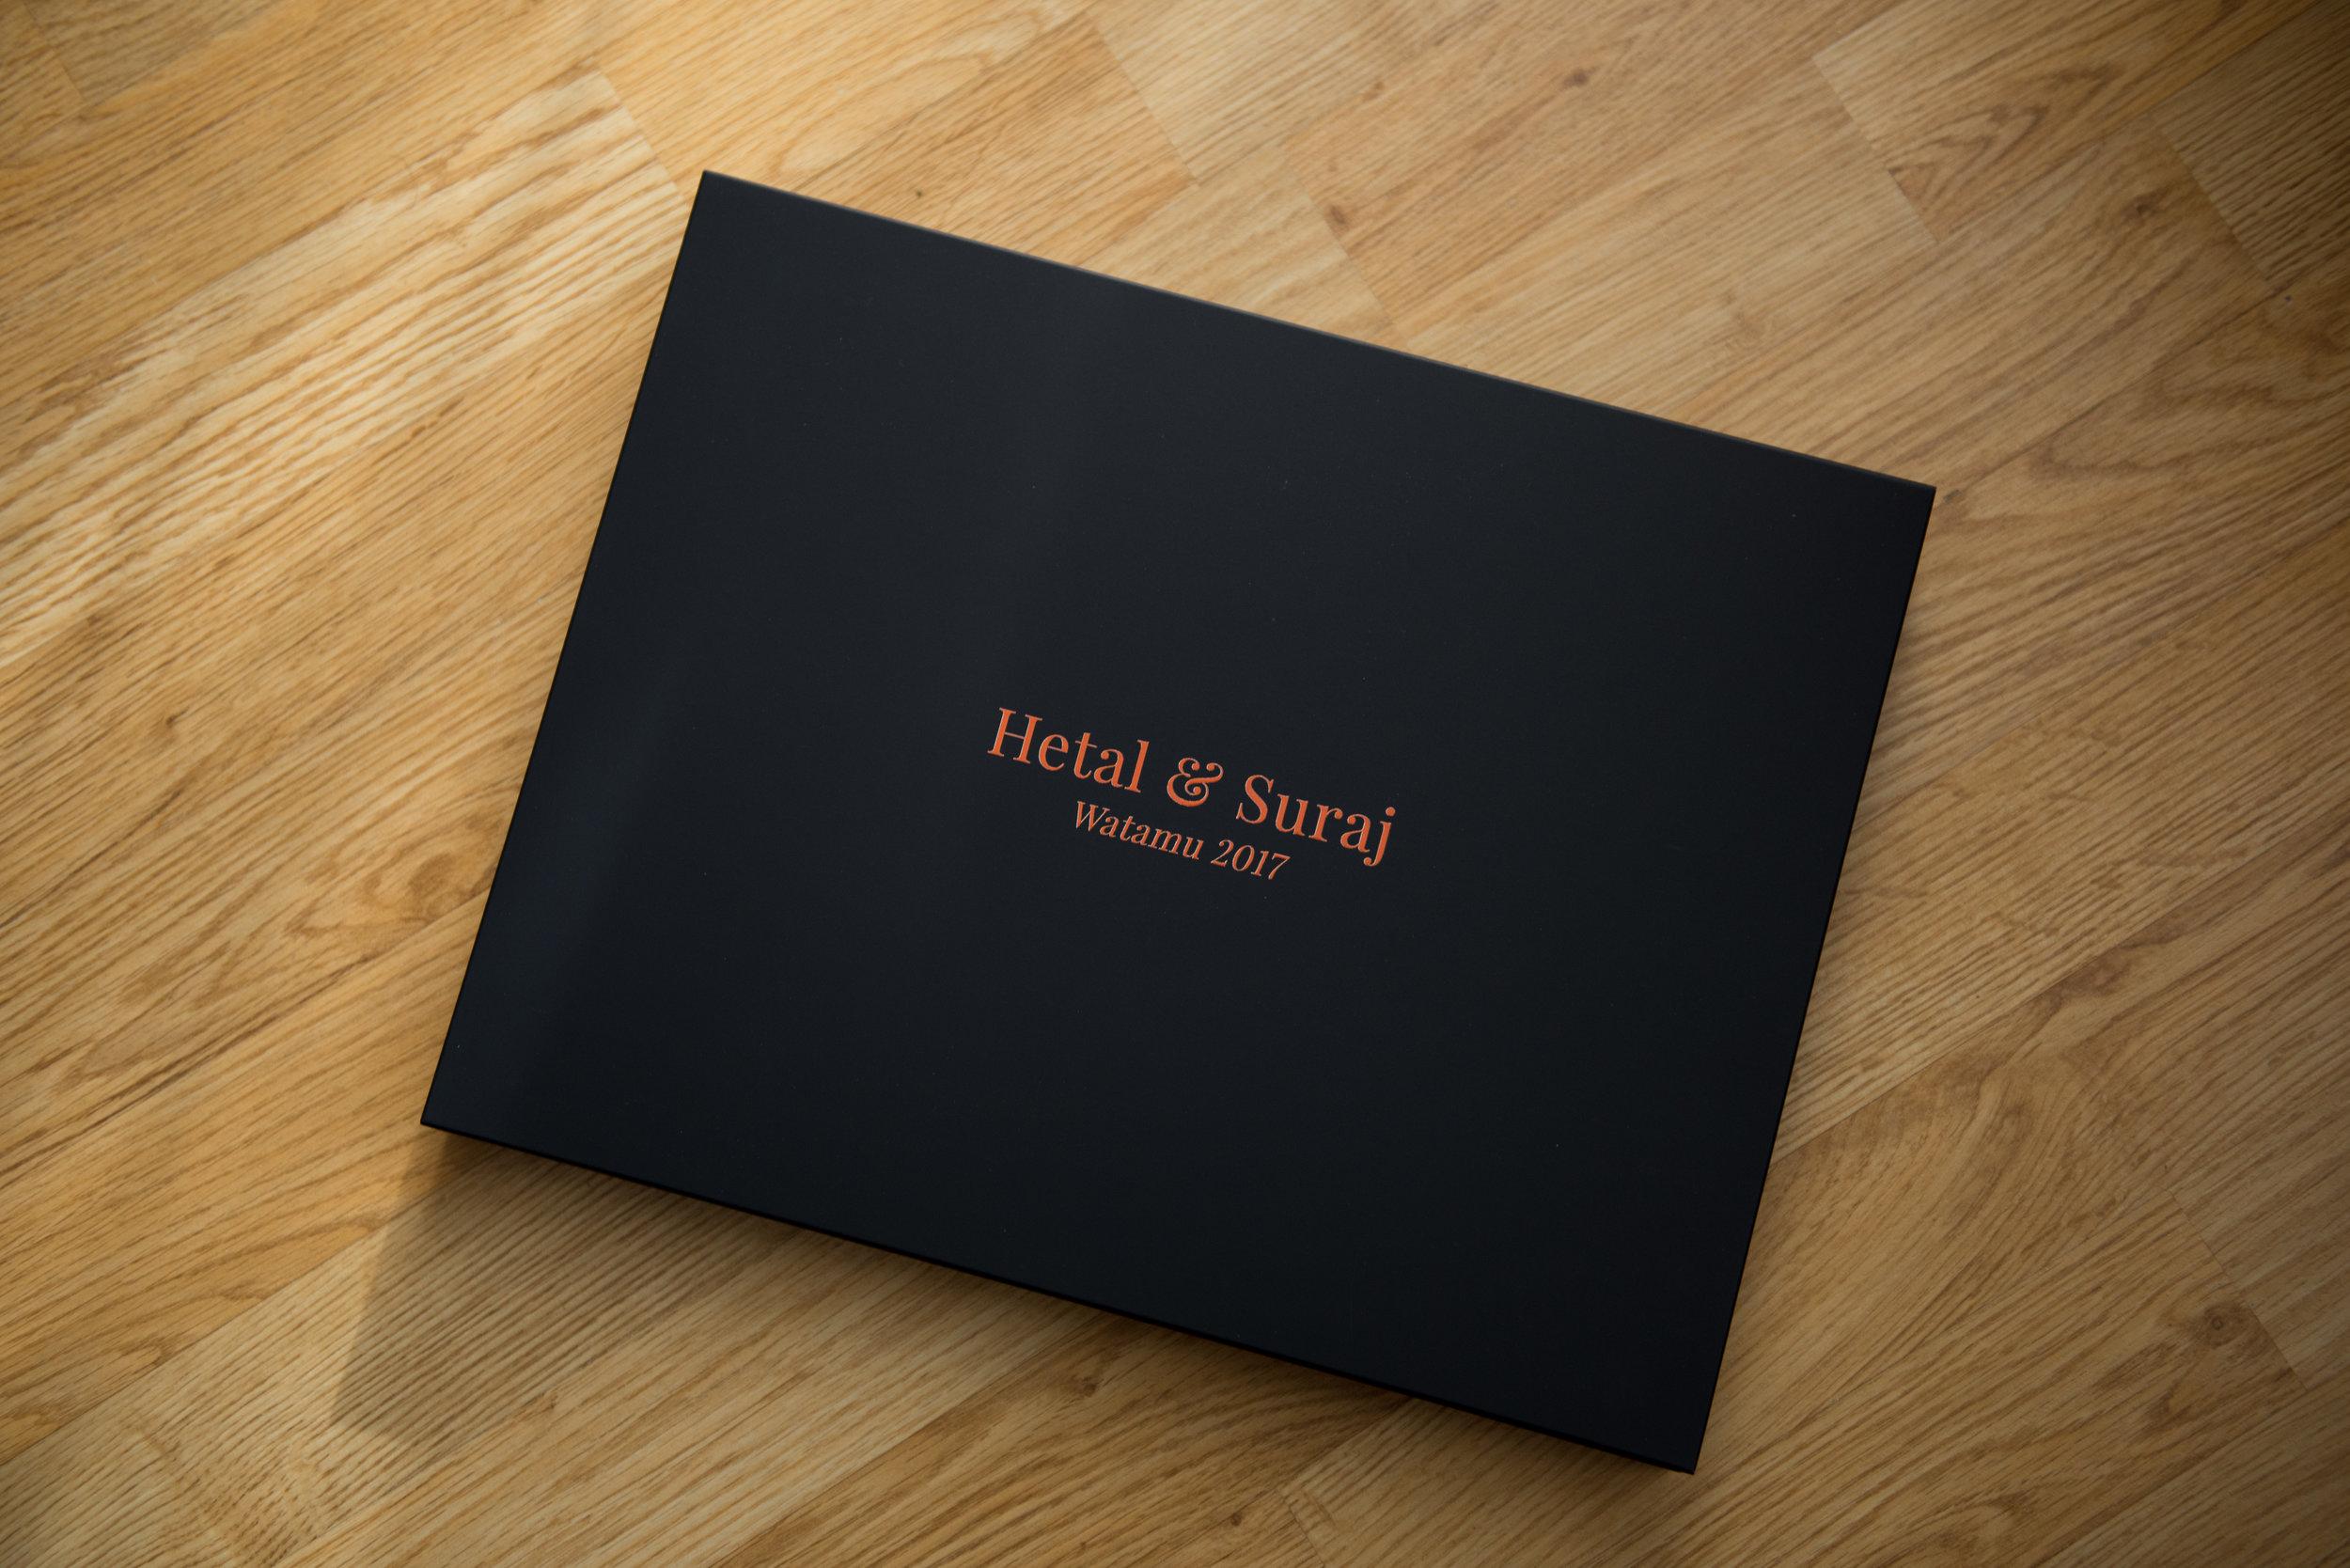 H&S_book_0001.jpg